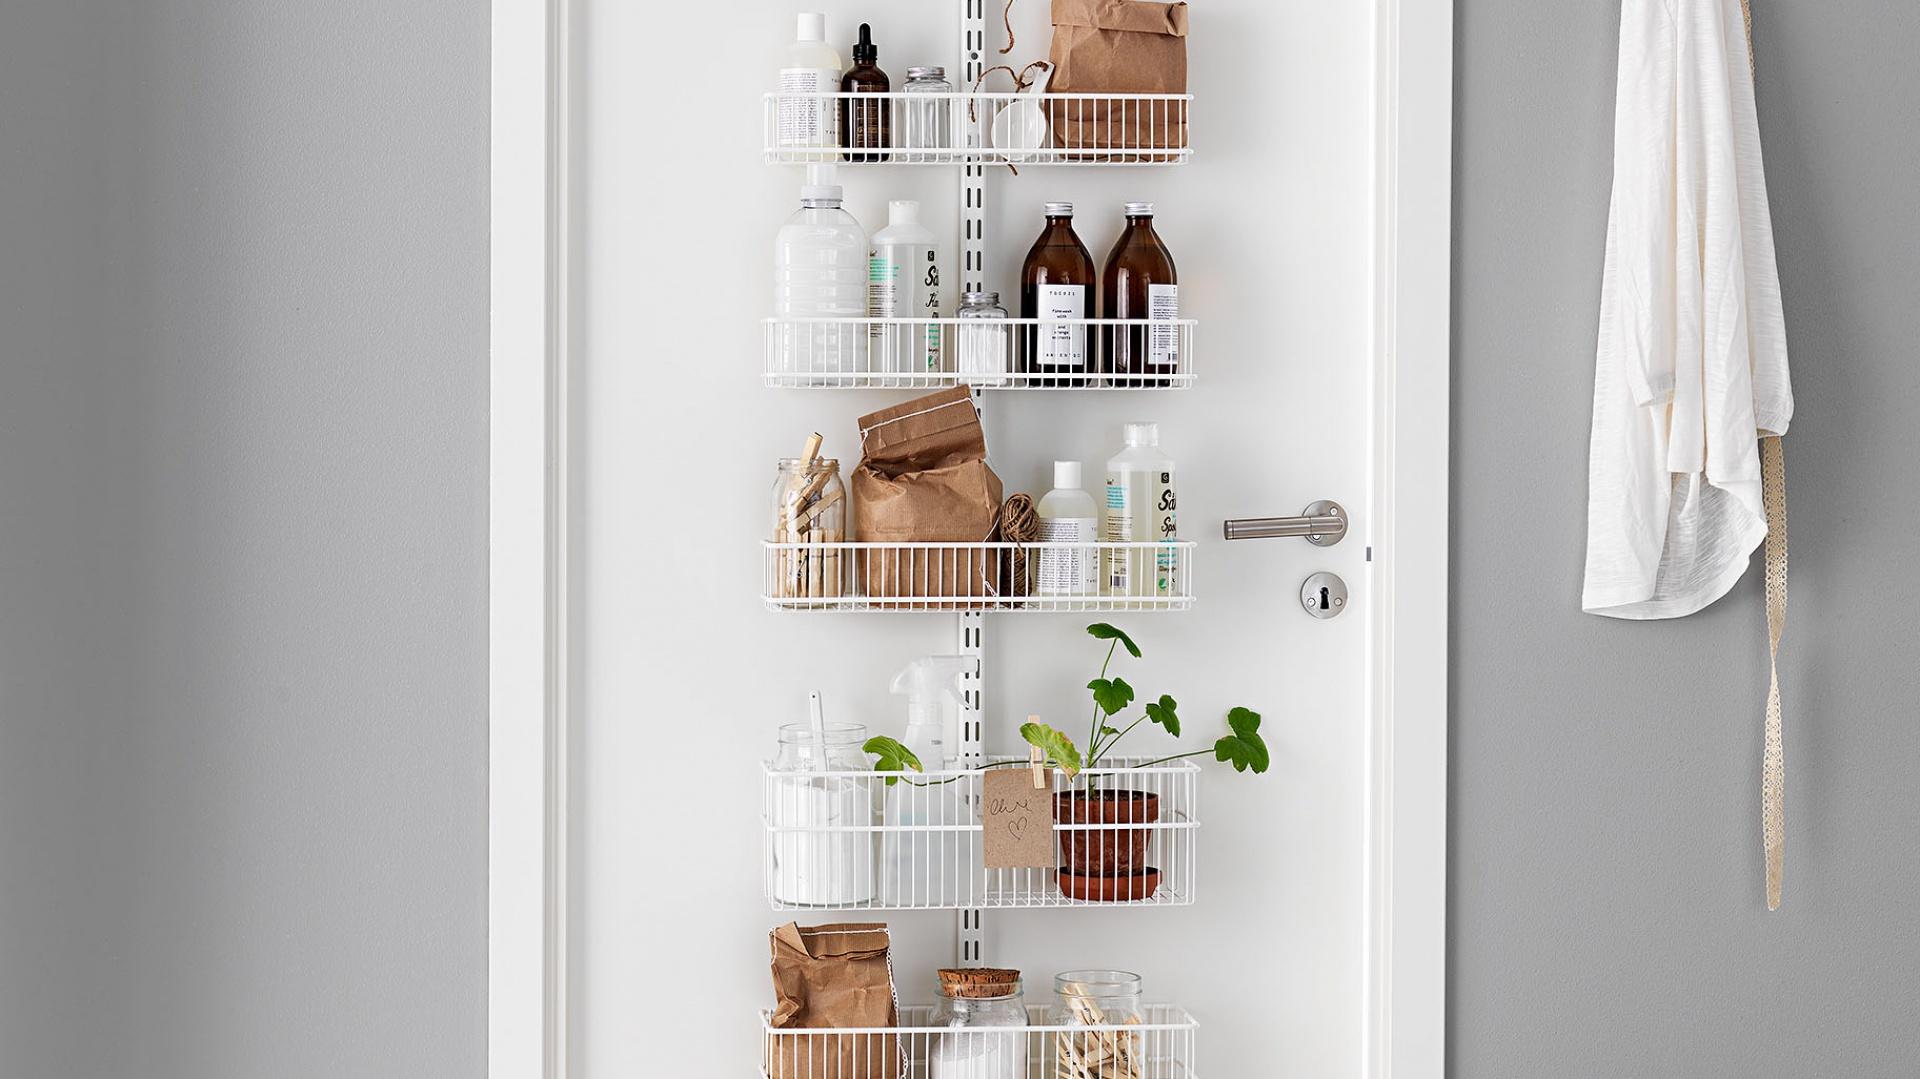 Inteligentny i funkcjonalny system UTILITY DOOR and WALL RACK przystosowany jest do montażu na ścianie lub drzwiach. Oszczędza miejsce, zapewniając sporo miejsca do przechowywania. Cena w zależności od ilości elementów. Fot. Elfa